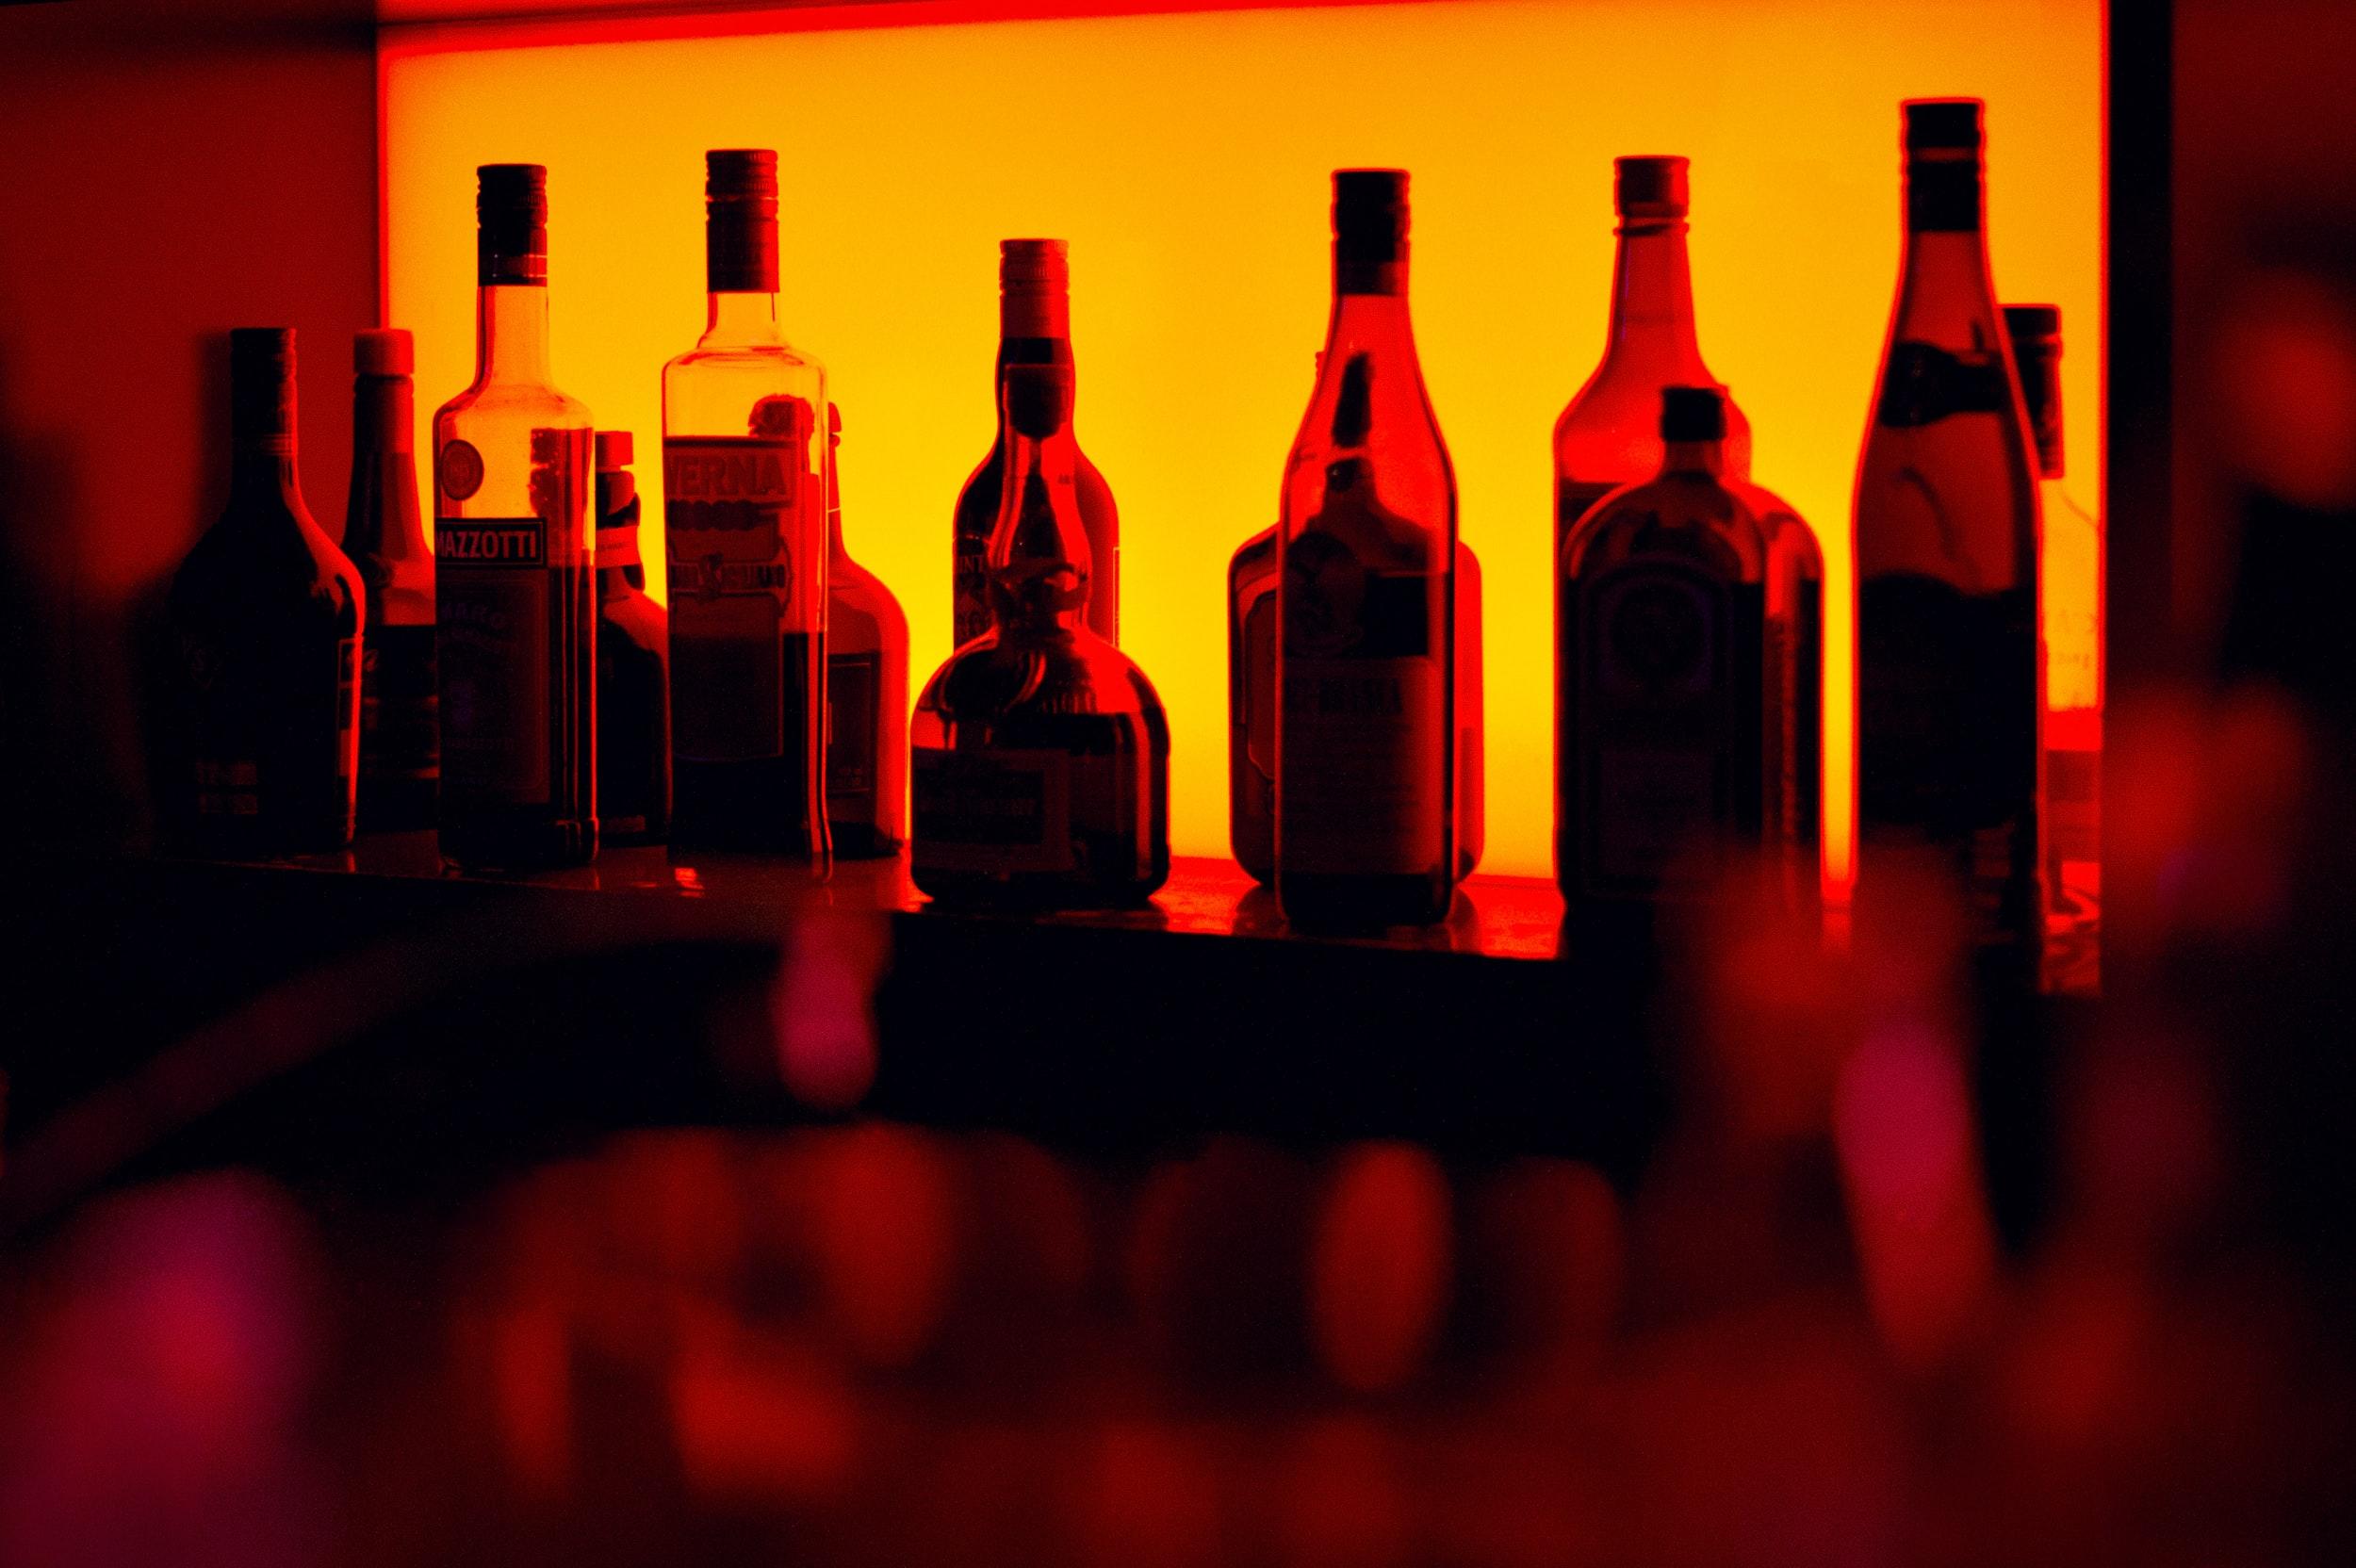 Gallery Image 16 - Liquor bottles in orange light